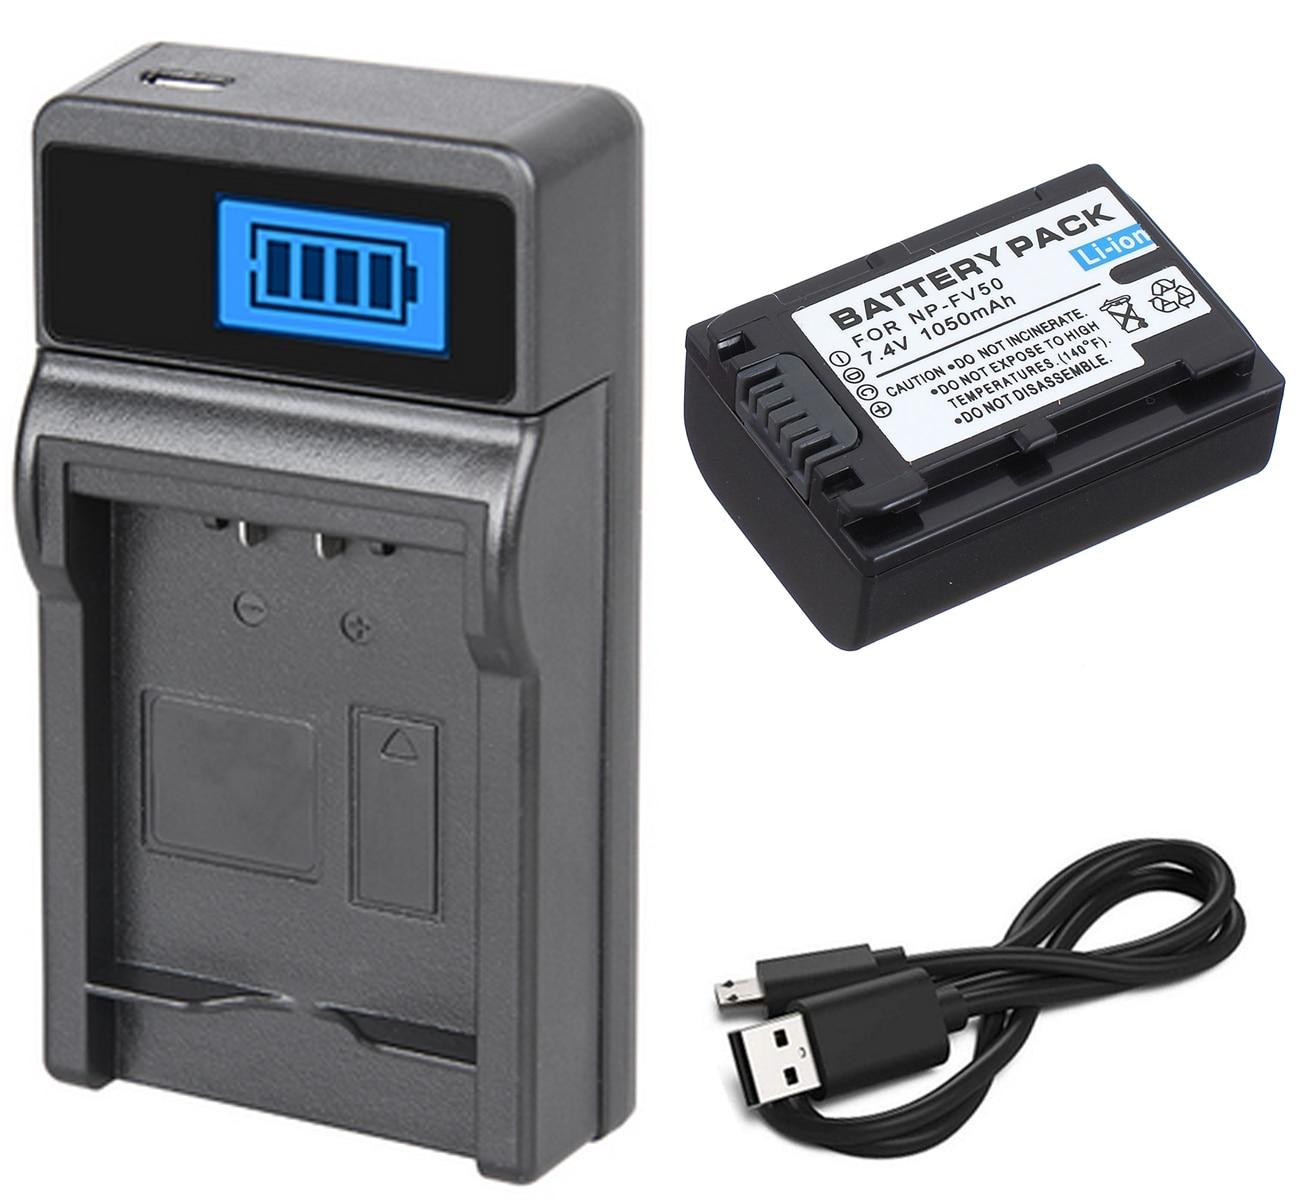 Batería + cargador para Sony HDR-CX110, HDR-CX130, HDR-CX150, HDR-CX155, HDR-CX160, HDR-CX170, HDR-CX180,...